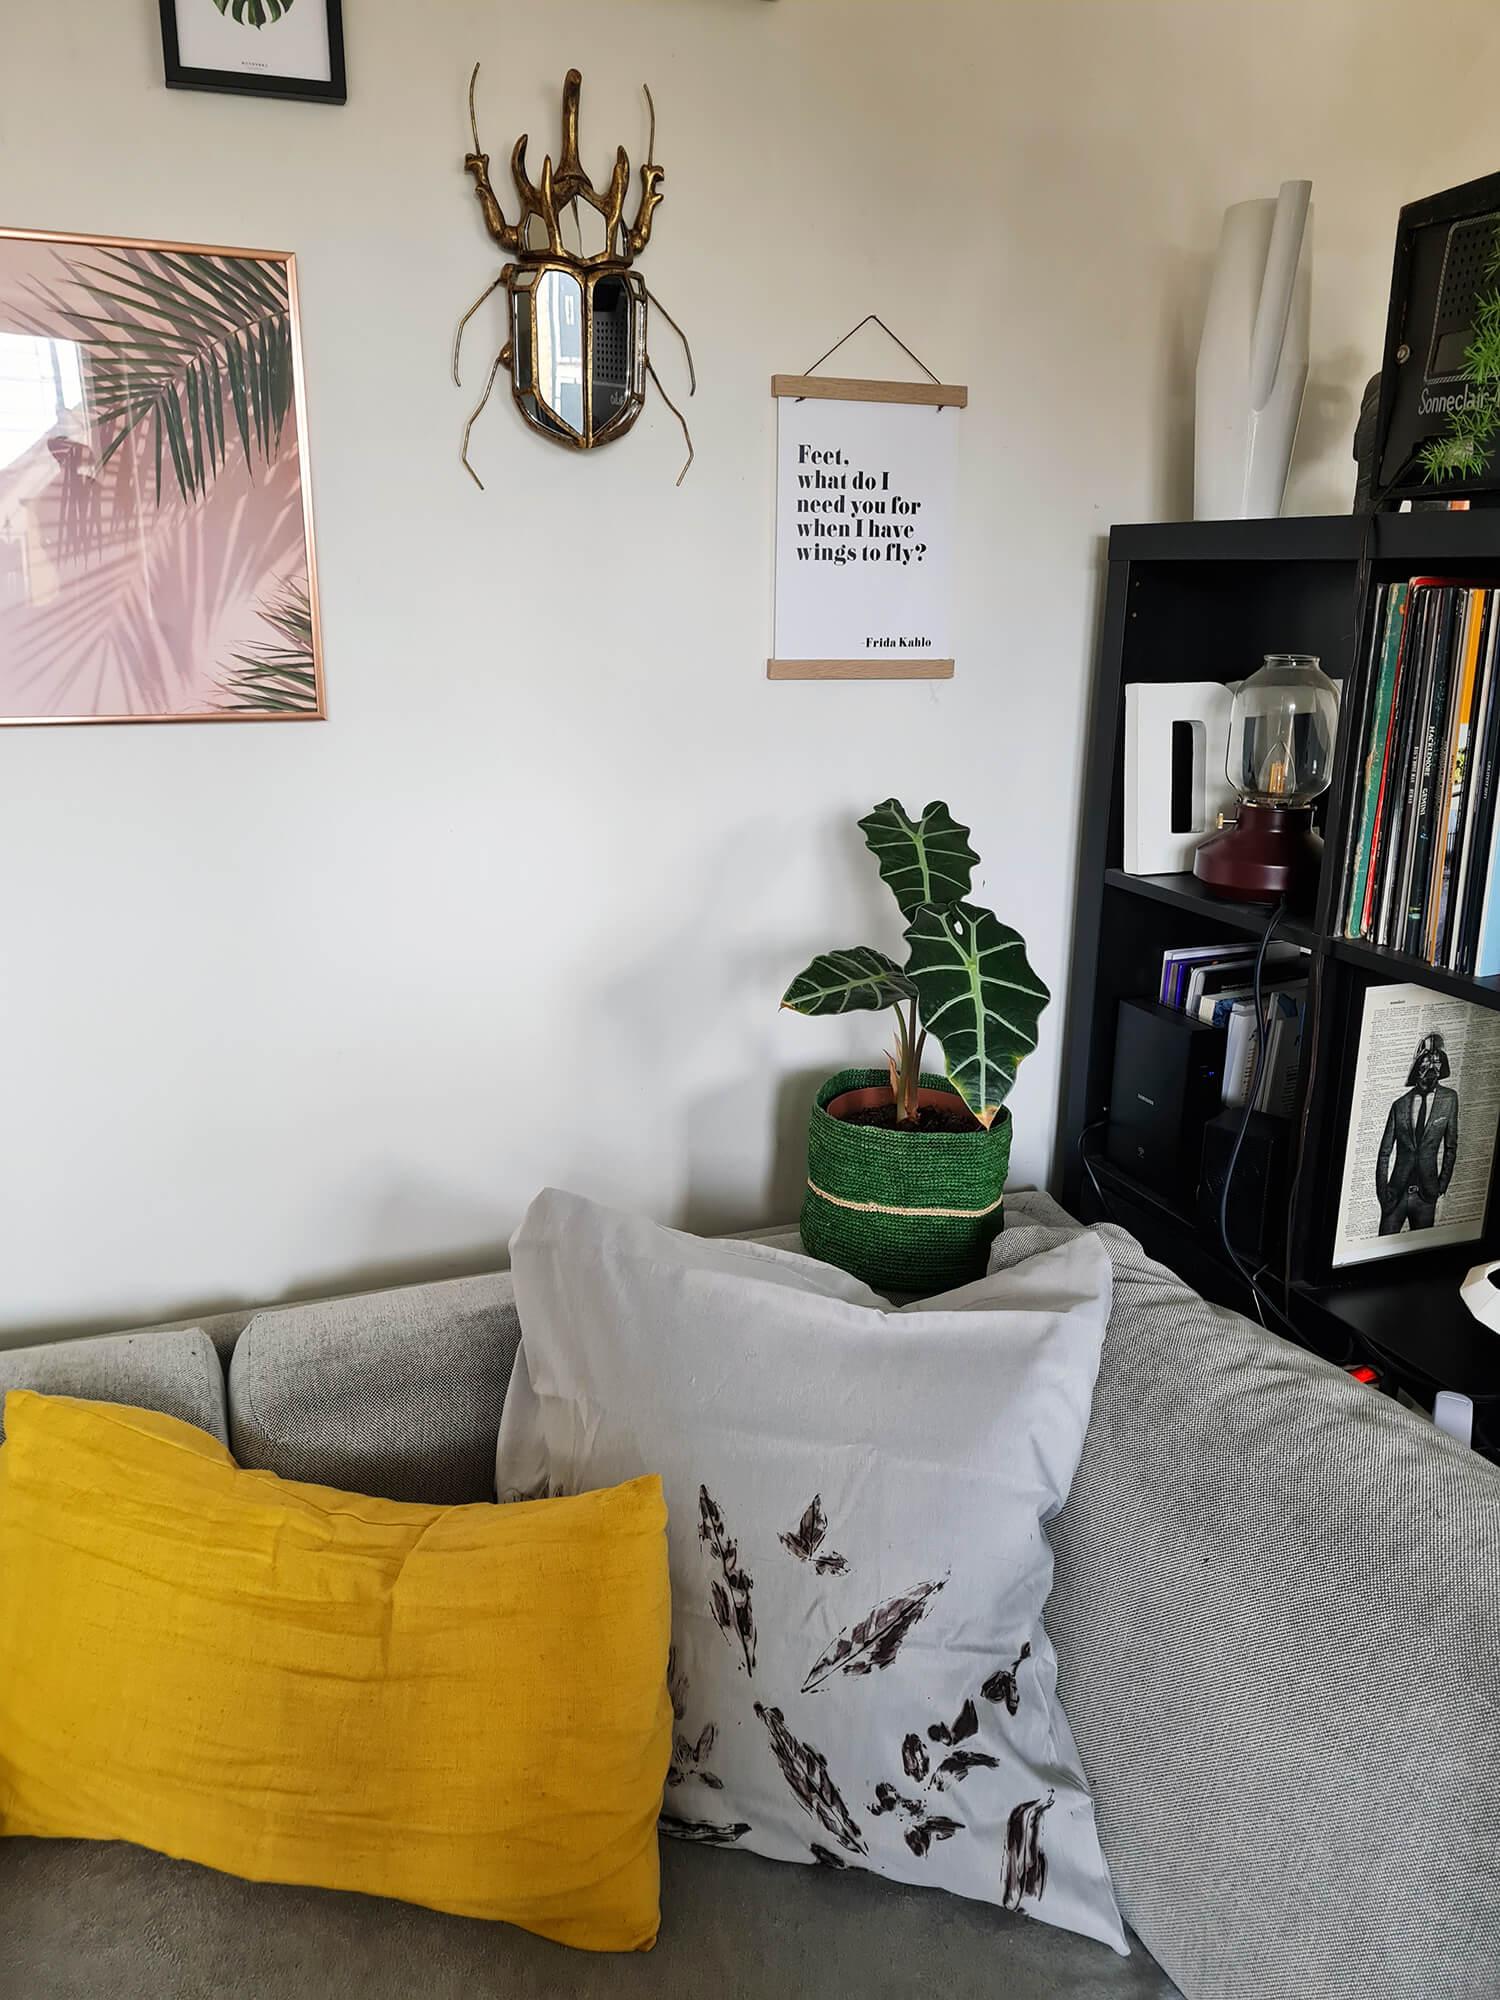 20210128 131134 - DIY : créer un coussin végétal avec des feuilles